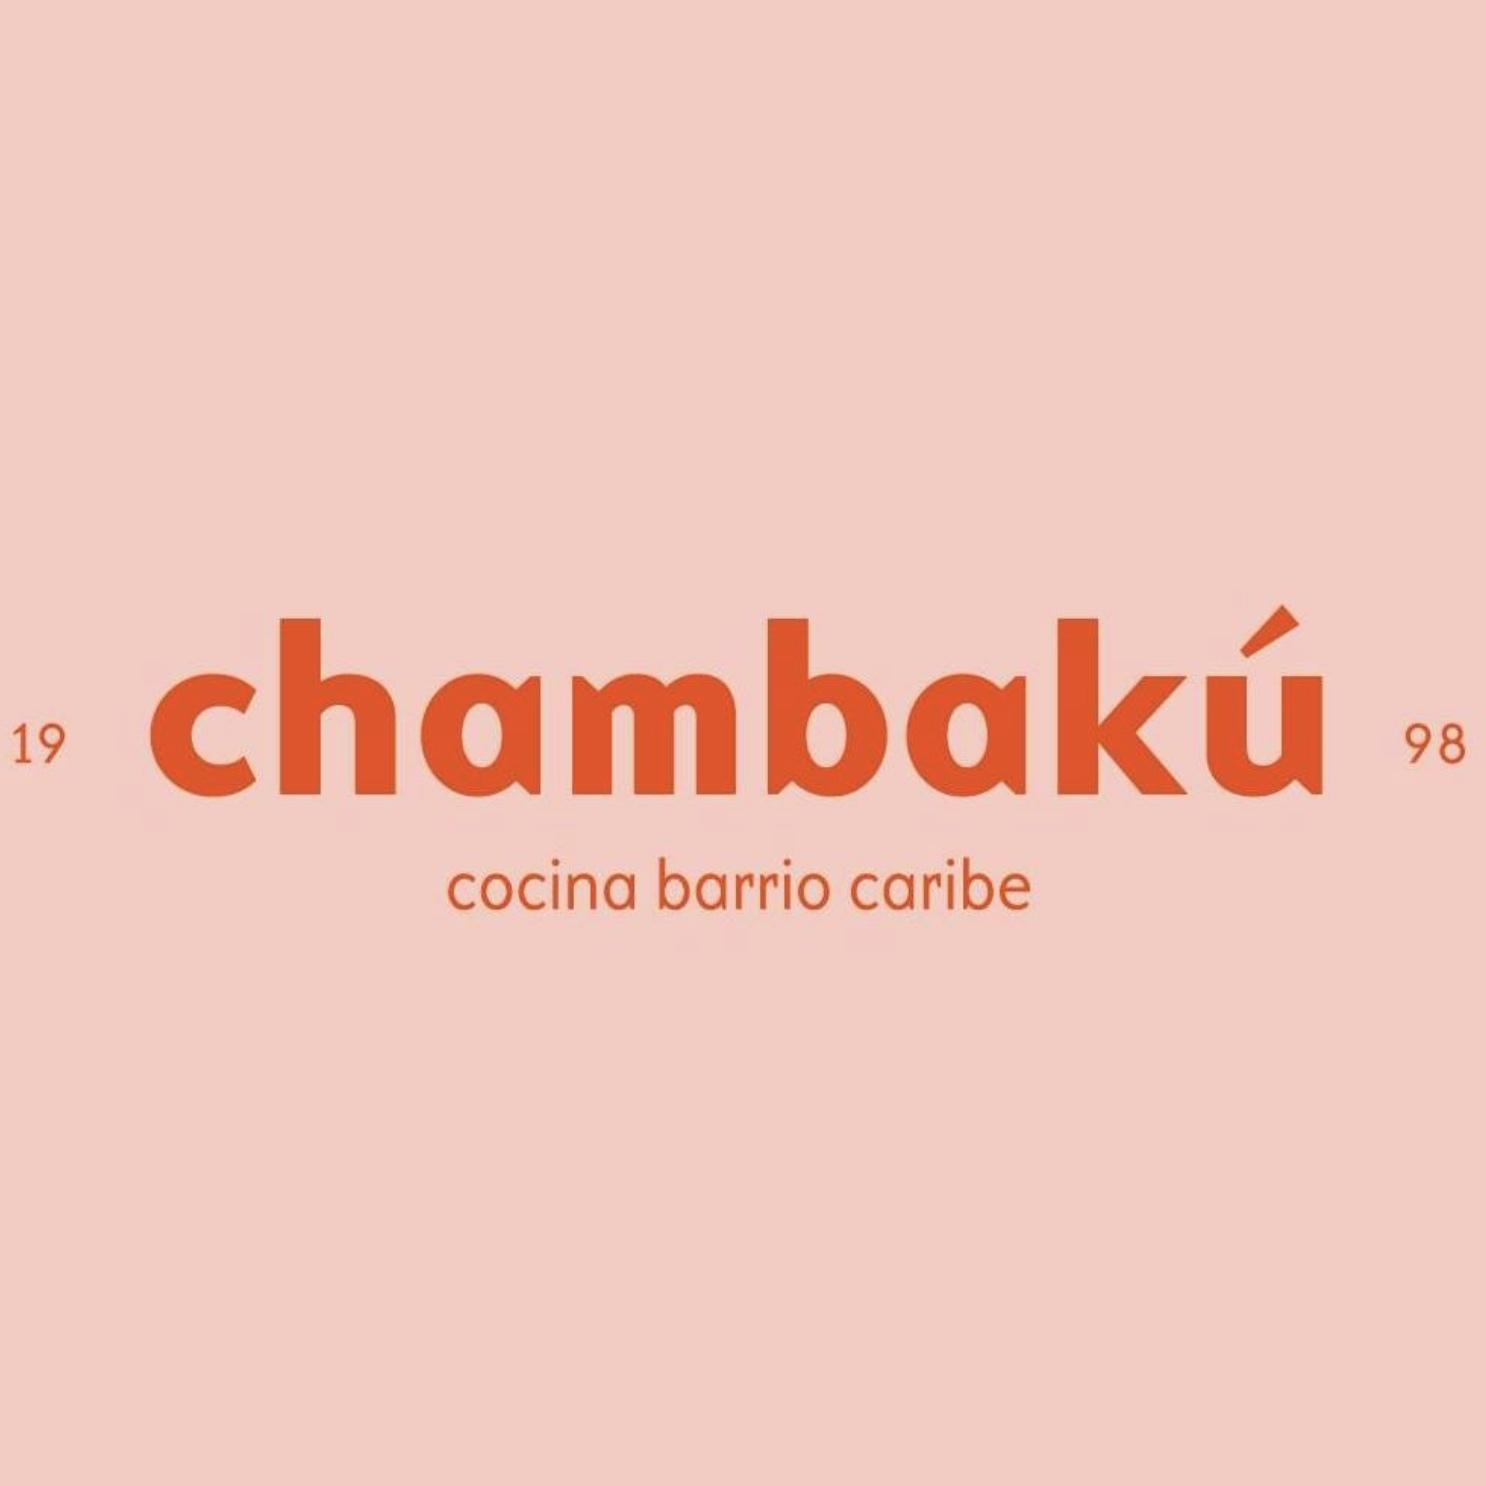 Chambaku